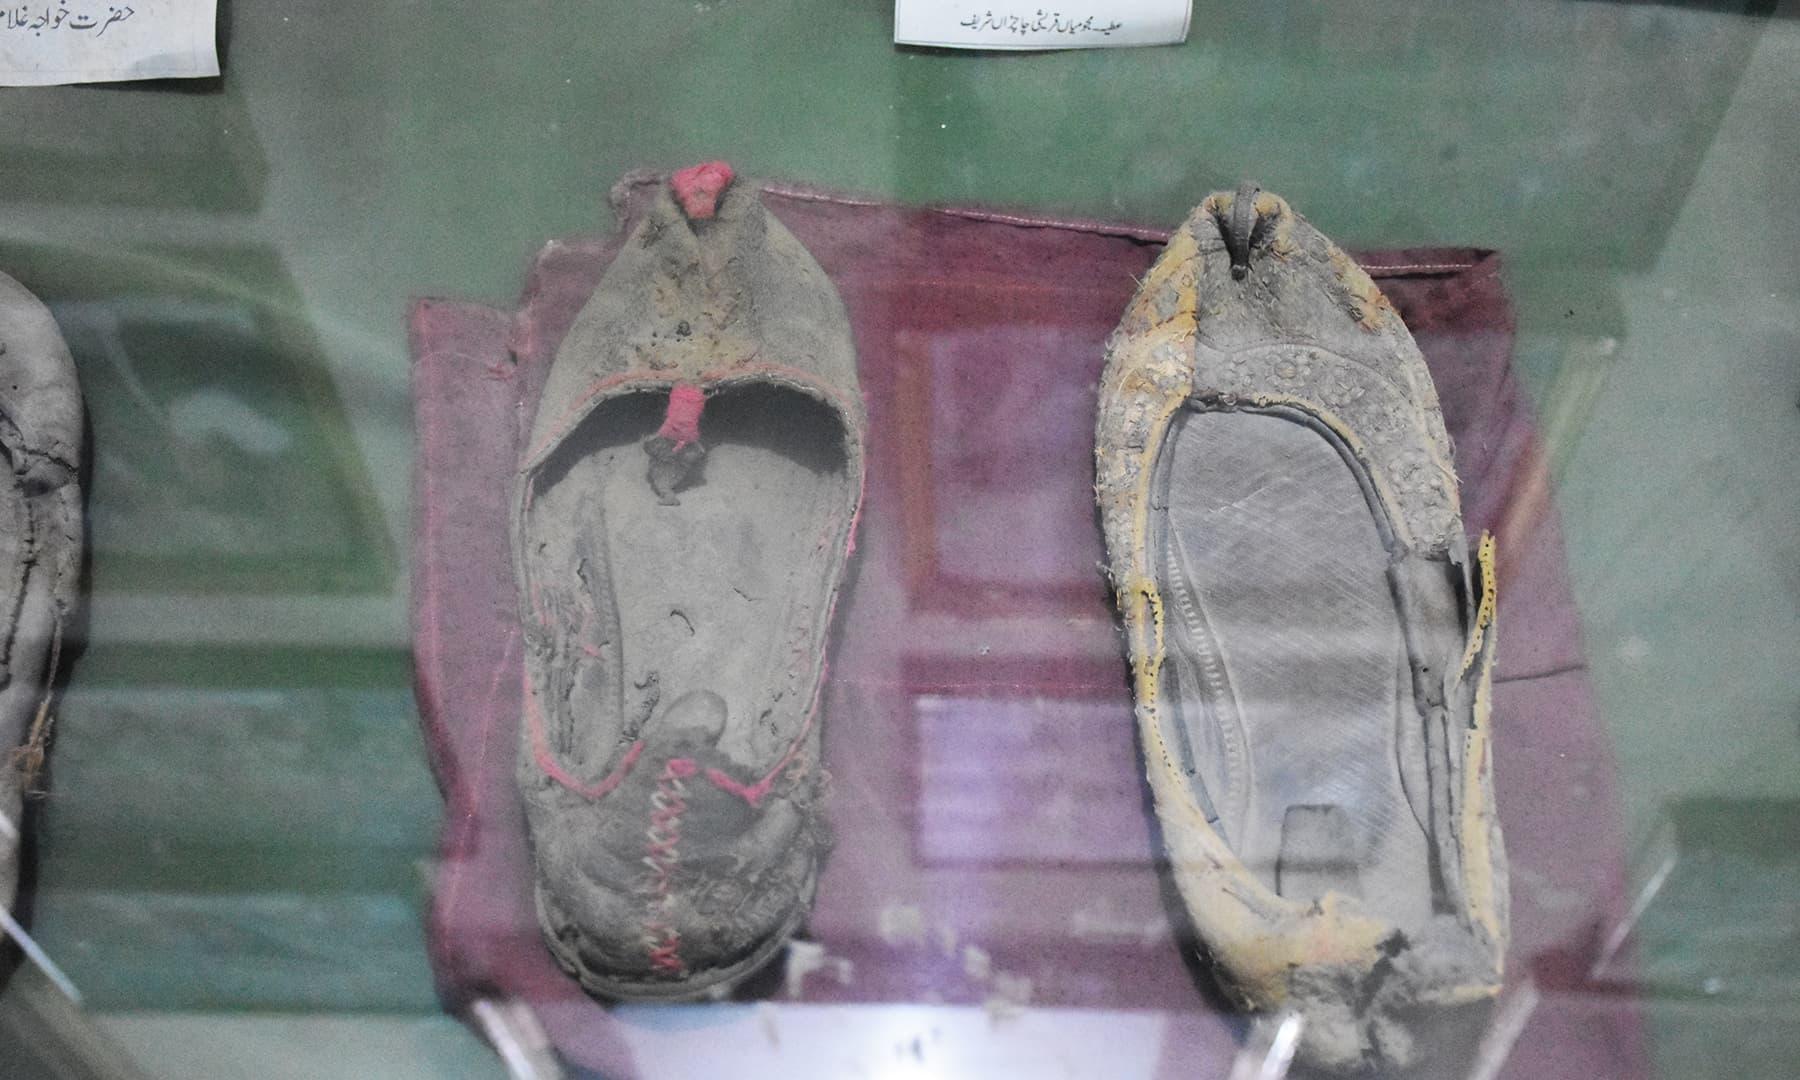 میوزیم میں موجود غلام فرید کی زیر استعمال مختلف اشیا رکھی گئی ہیں—تصویر رمضان رفیق